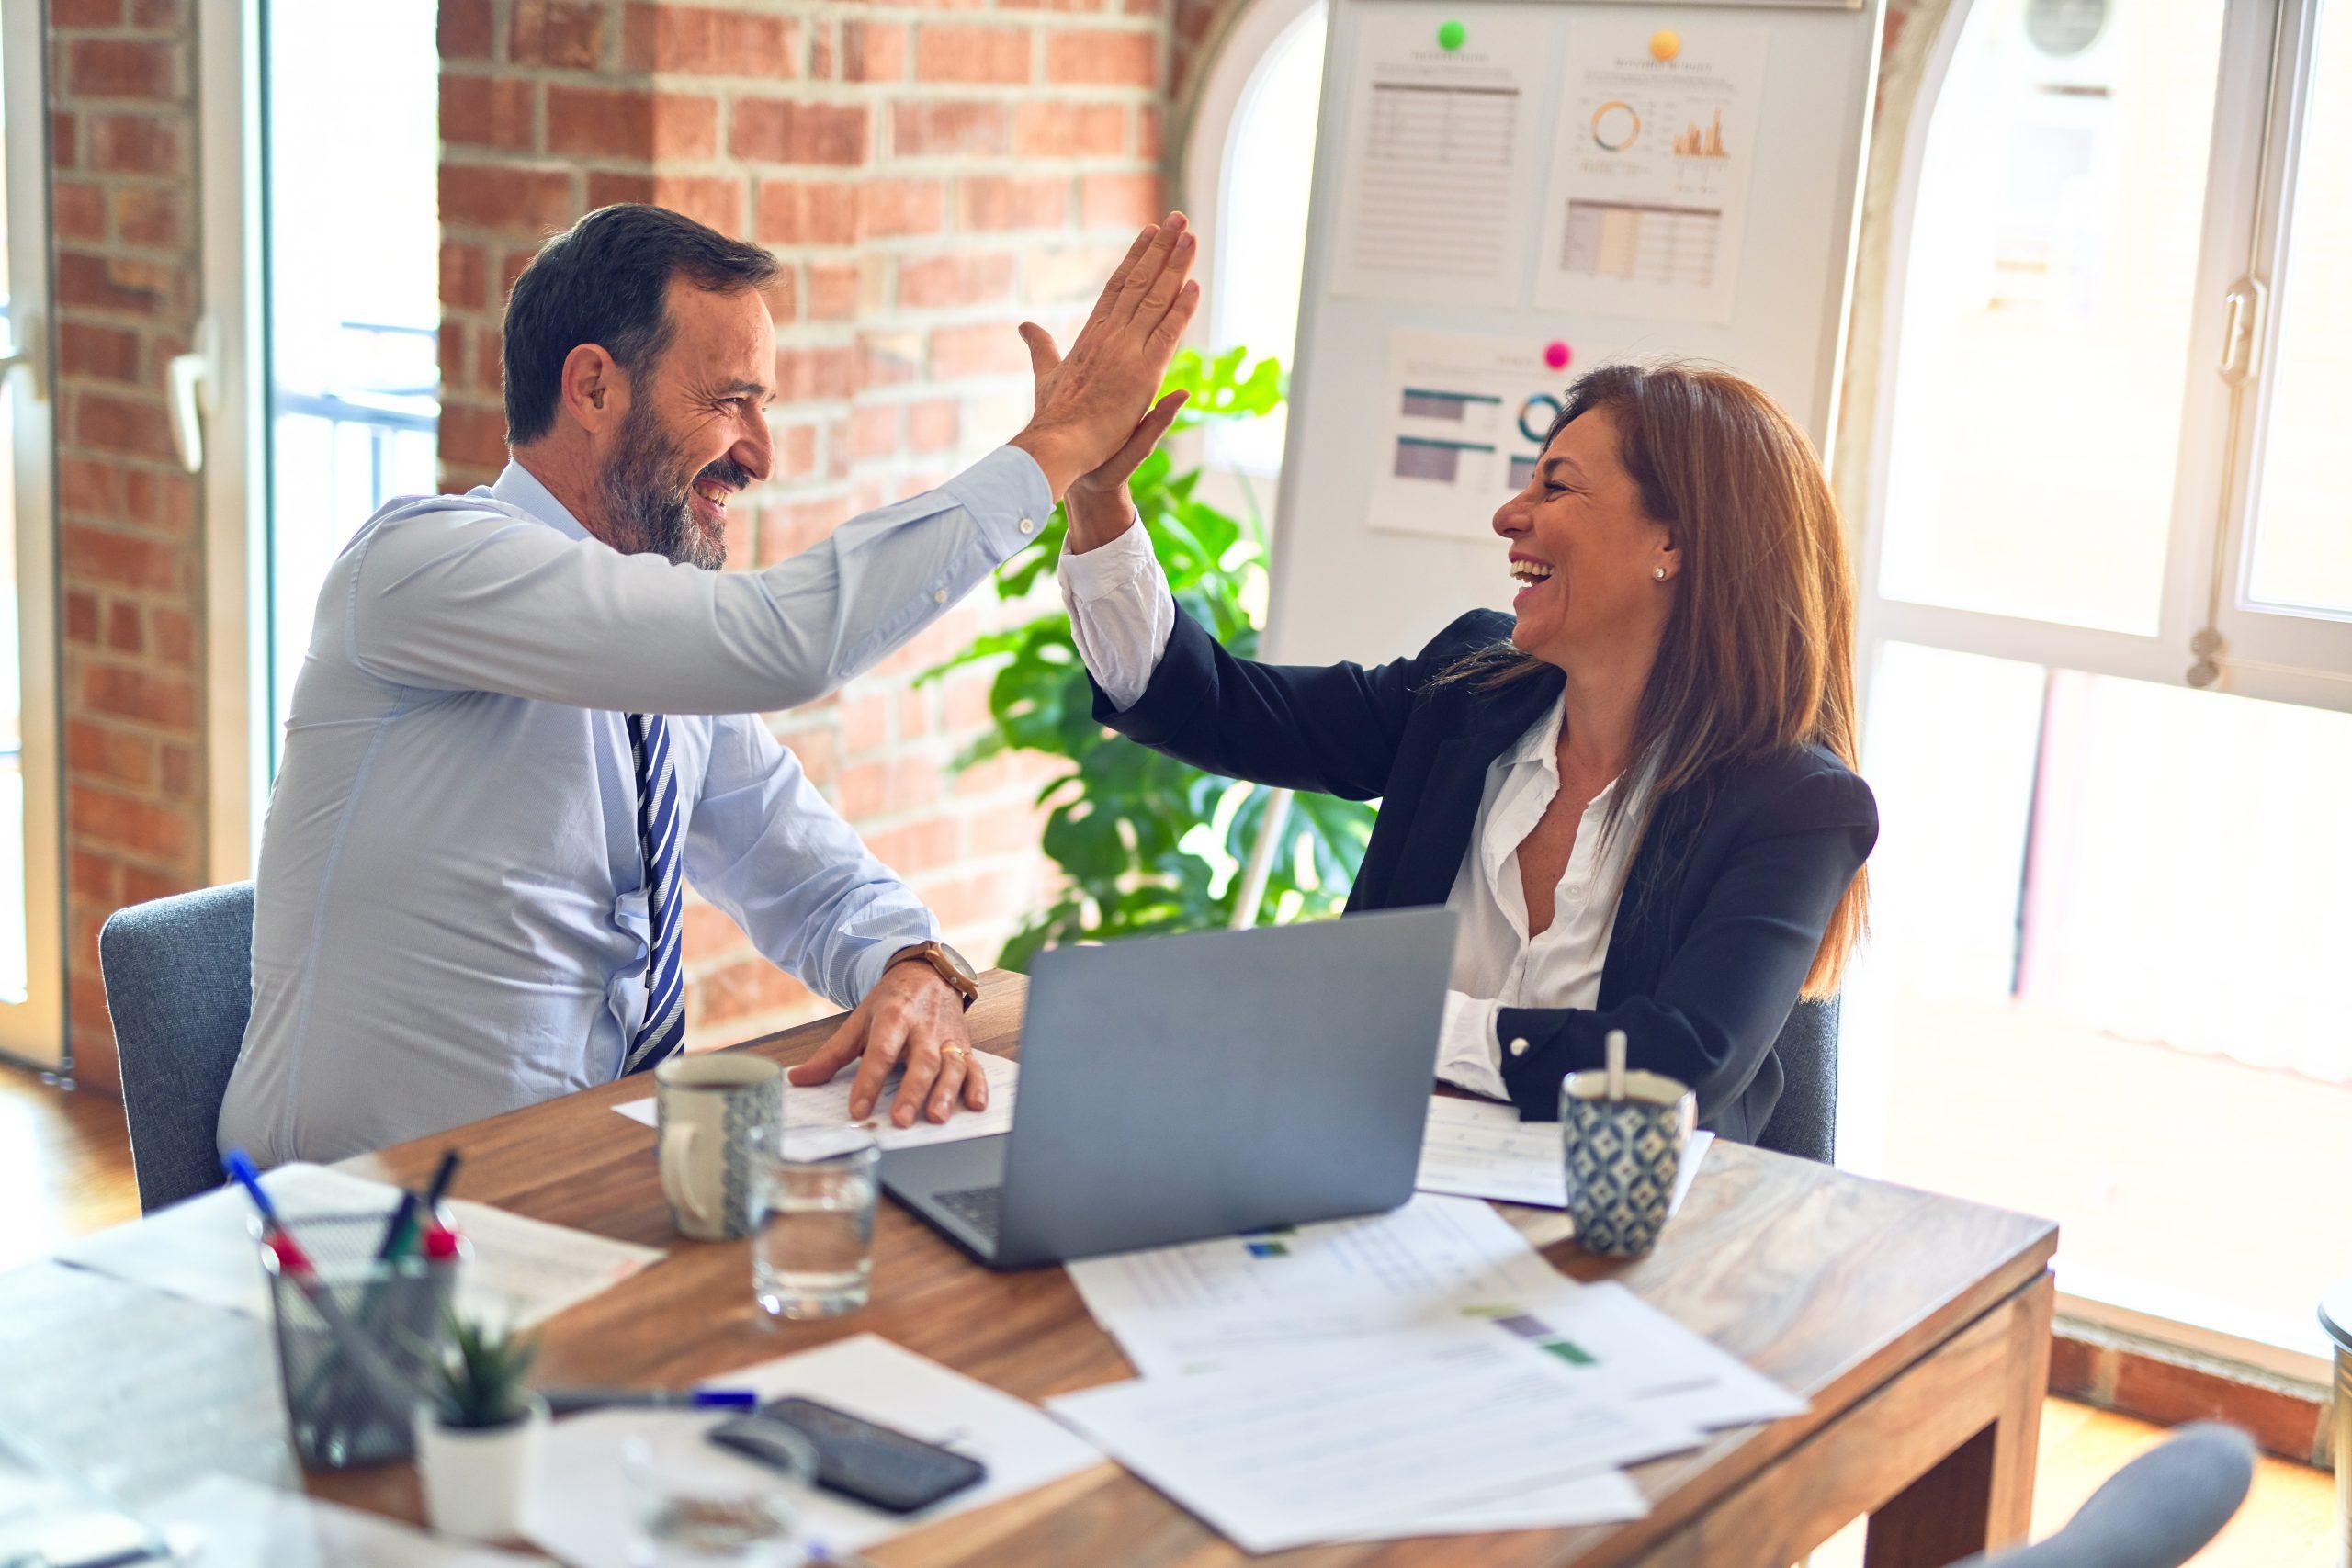 Kunne I tænke jer at lave teambuilding med jeres arbejde? Det er ret vigtigt, at vi går glade på arbejde og gruppeaktiviteter udenfor kontoret også med til at styrke teamet.